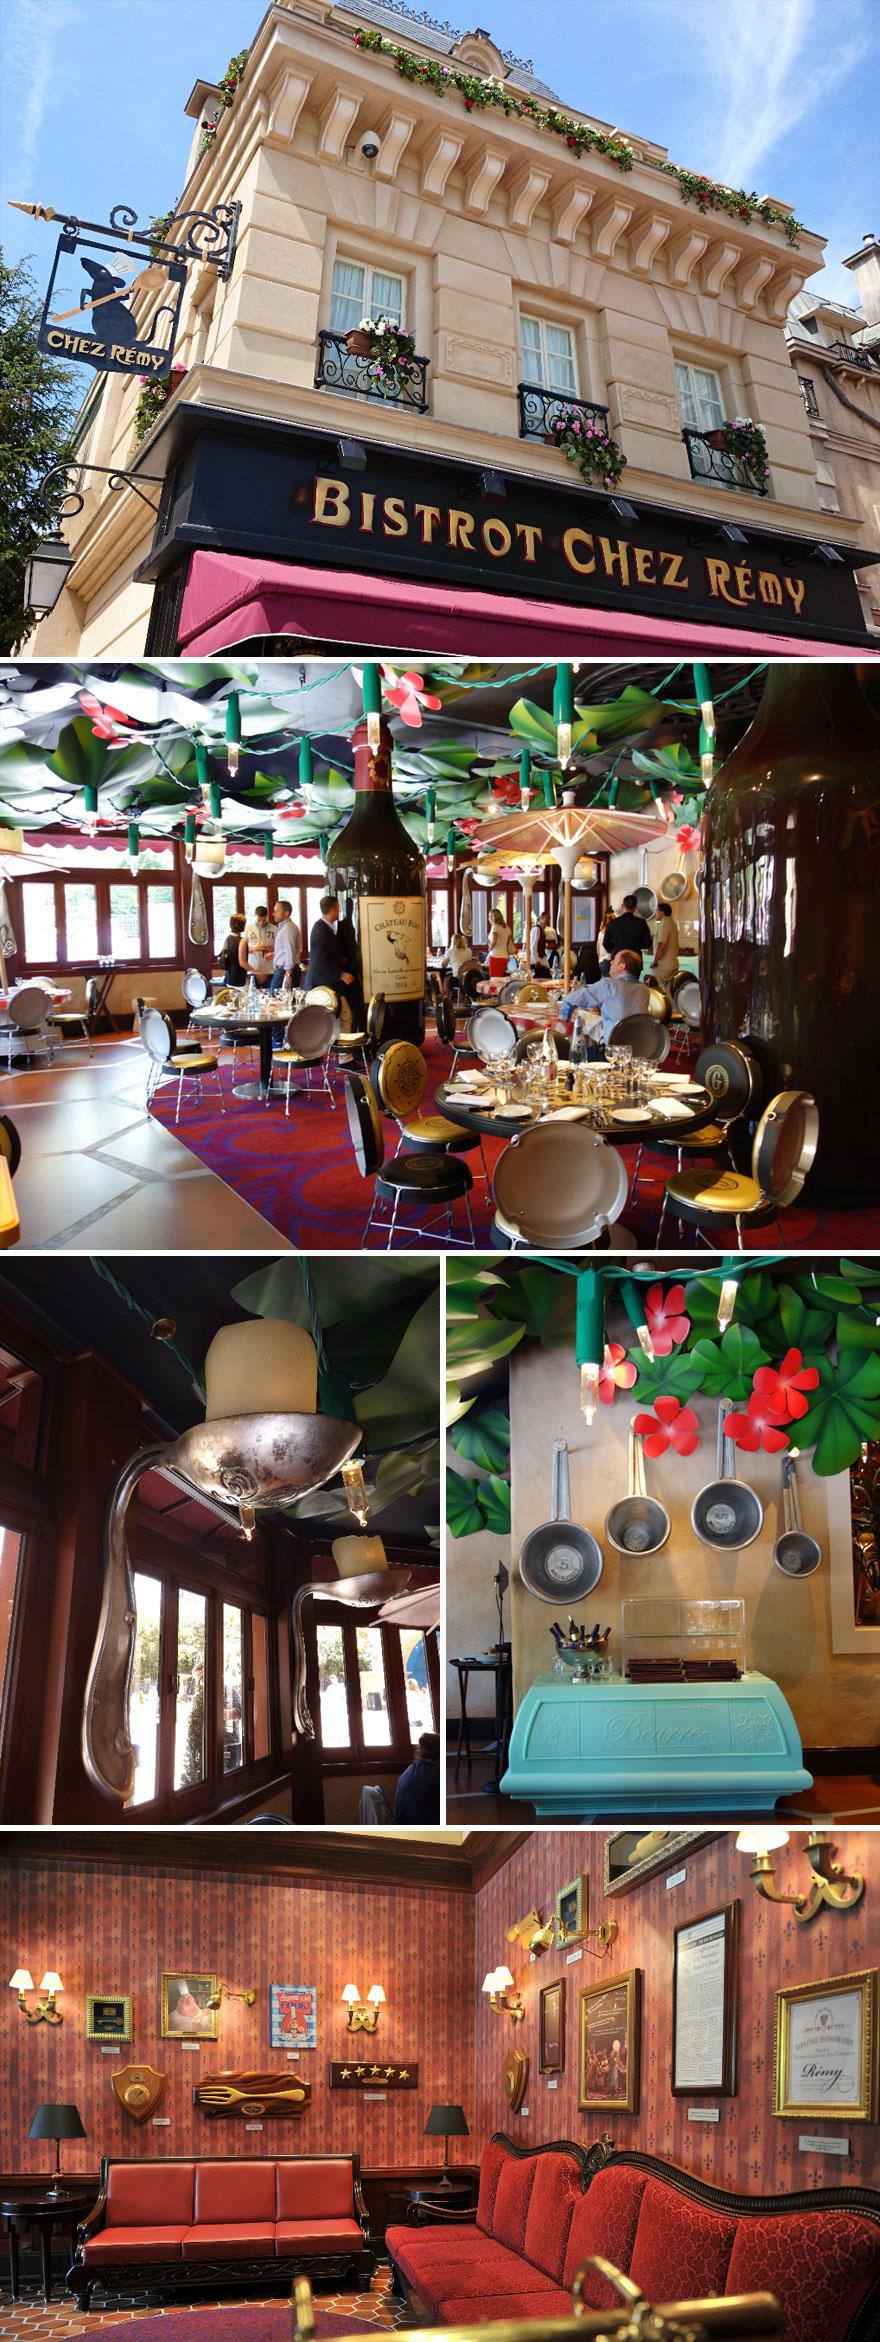 Ratatouille Themed Restaurant, Bistrot Chez Rémy, Disneyland Paris, France